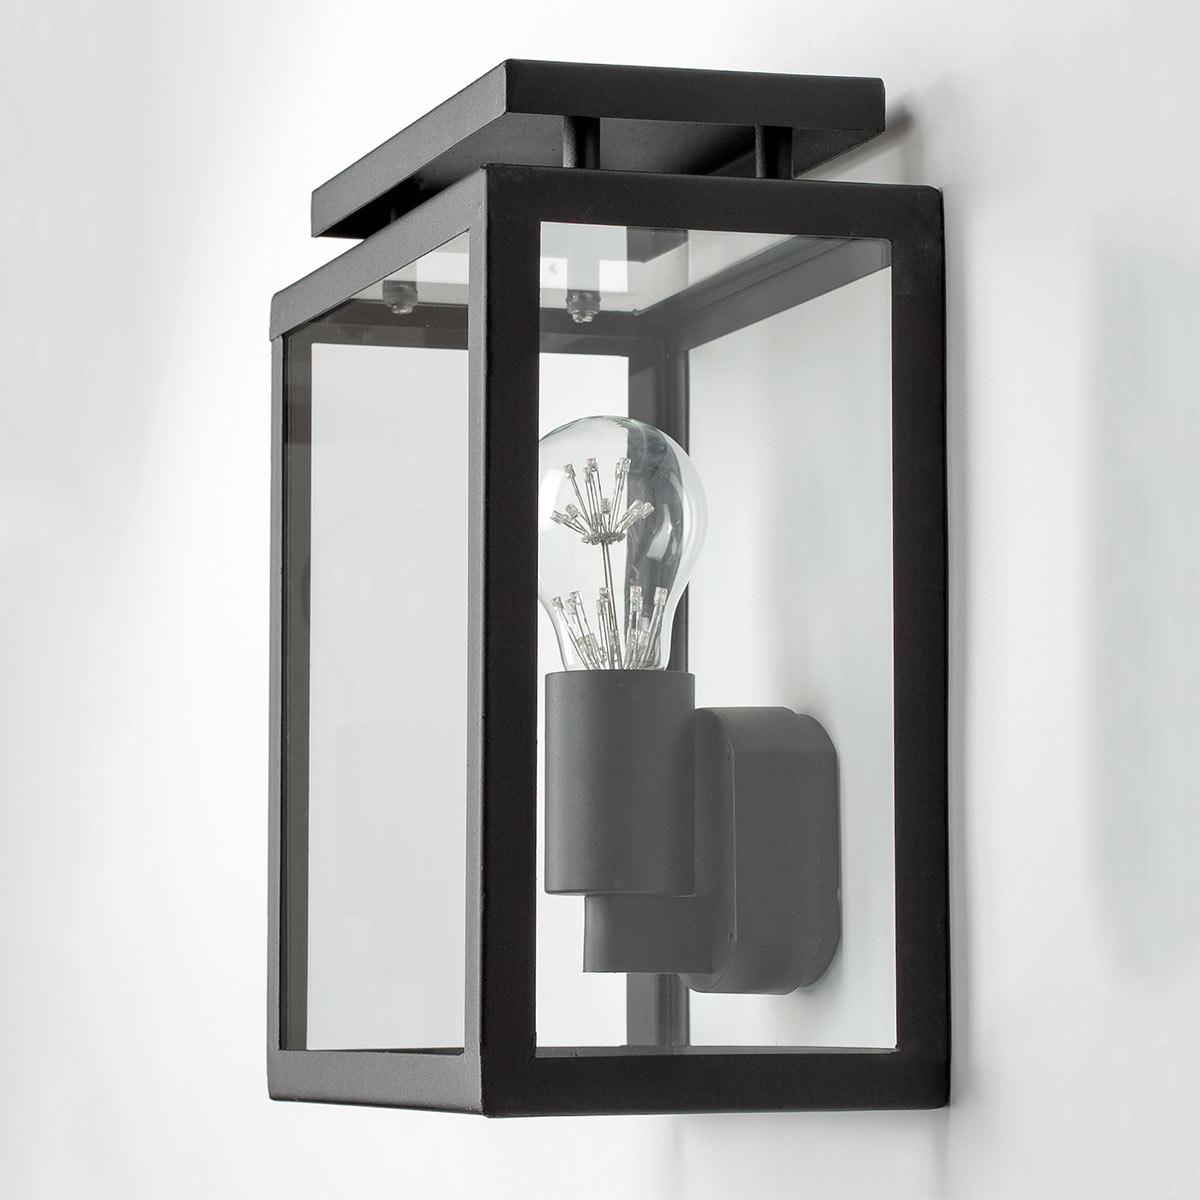 Vecht Flache Wandlampe - Wandleuchte - Trendige Beleuchtung - Nostalux